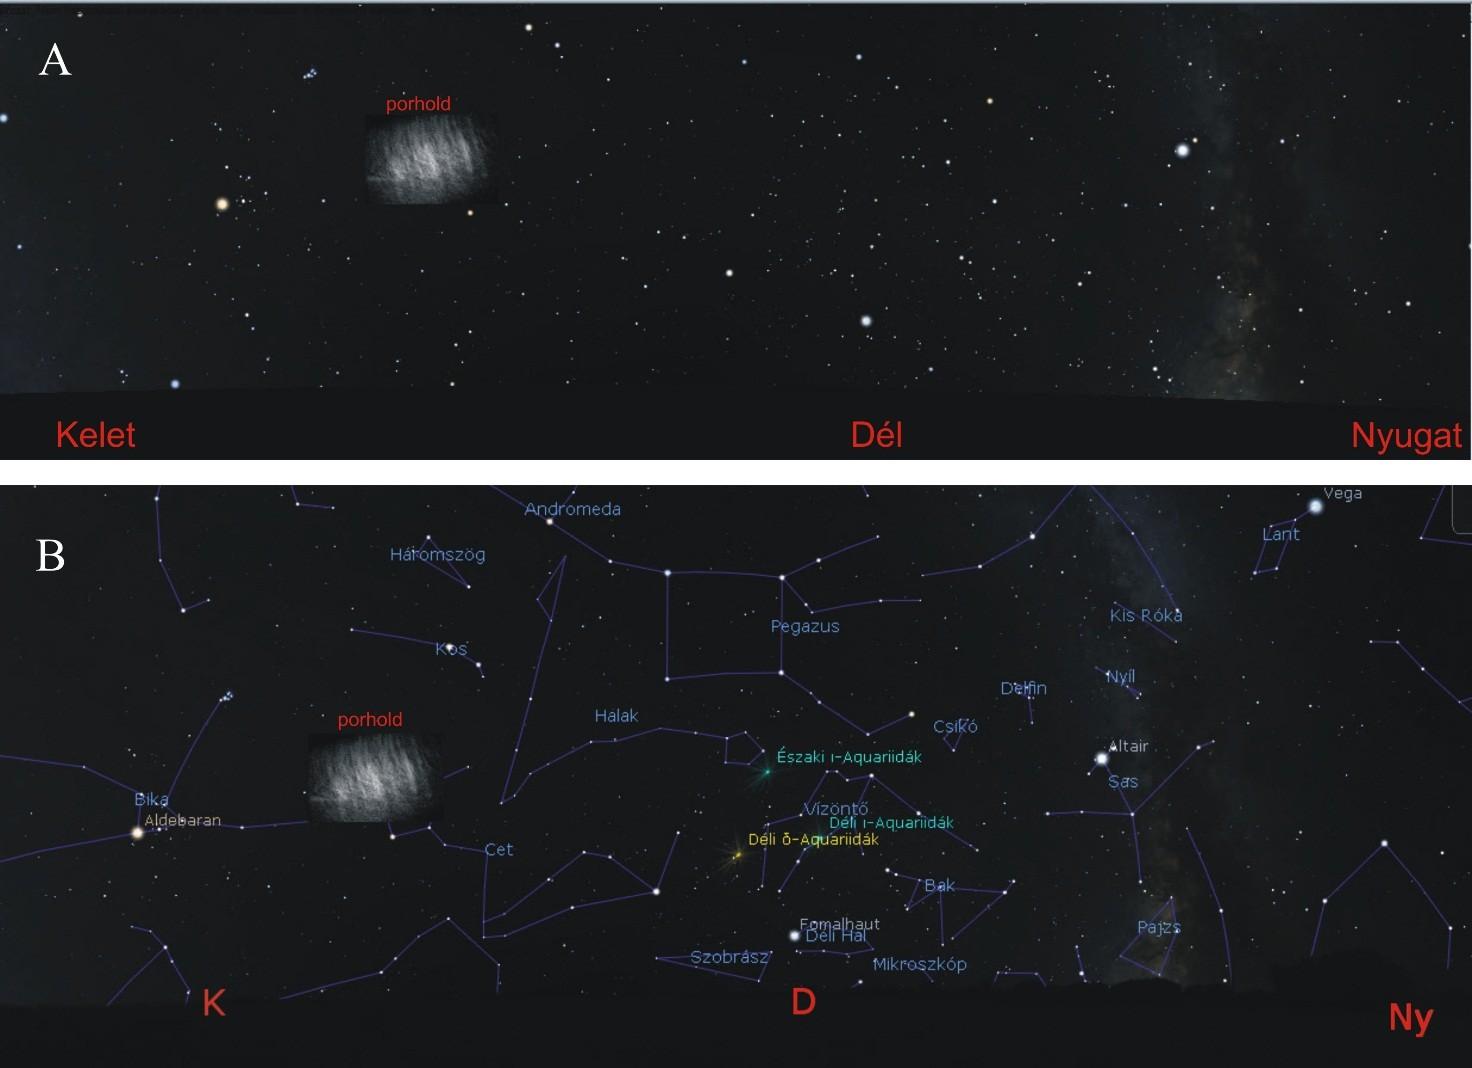 (A) Így nézett volna ki a csillagos ég a Föld-Hold rendszer L5 Lagrange-pontja környékén, ha a 2017. augusztus 19-én éjjel 1 óra 14 perckor megfigyelt és számítógéppel modellezett Kordylewski-porhold szabad szemmel is észlelhető lett volna. (B) Mint az A ábra, de most az ismertebb csillagképek és azok magyar neveinek feltüntetésével.